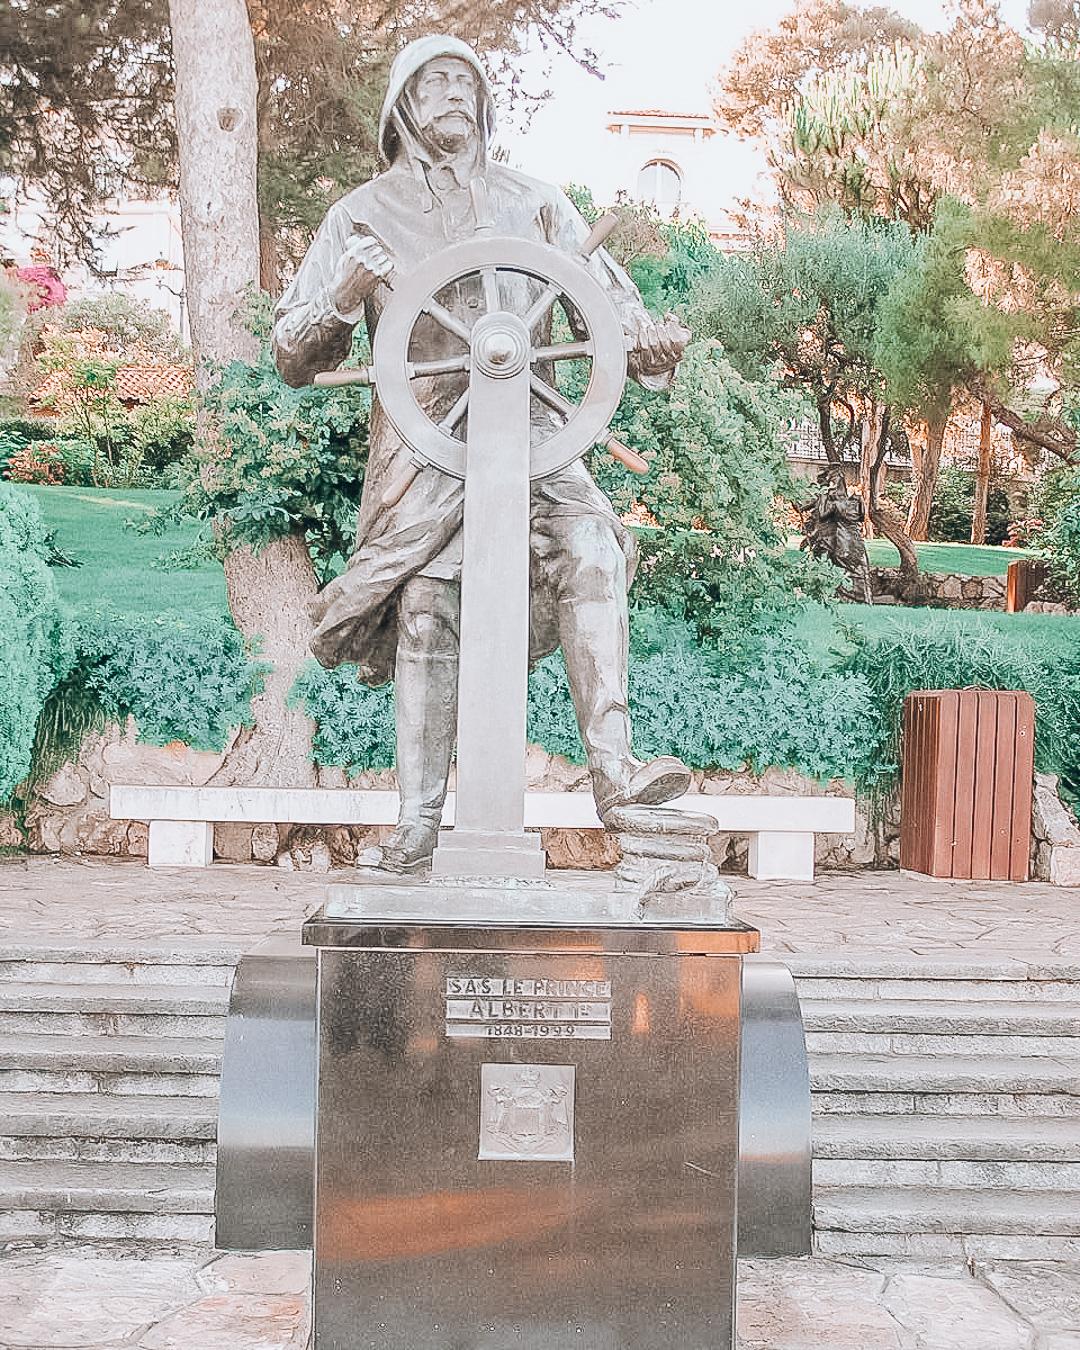 Prince Albert I Statue